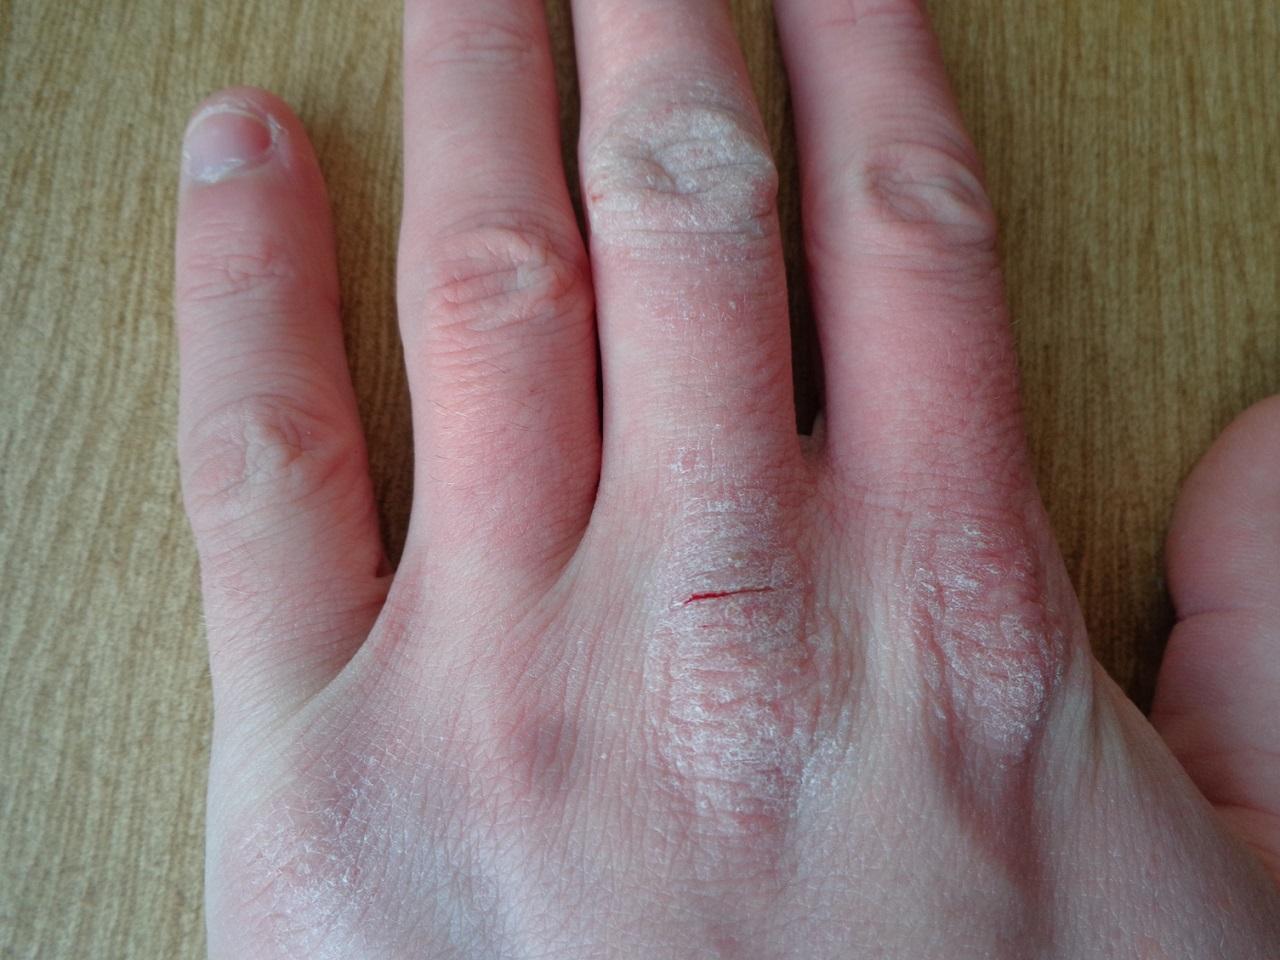 Qué es la dermatitis atópica en manos